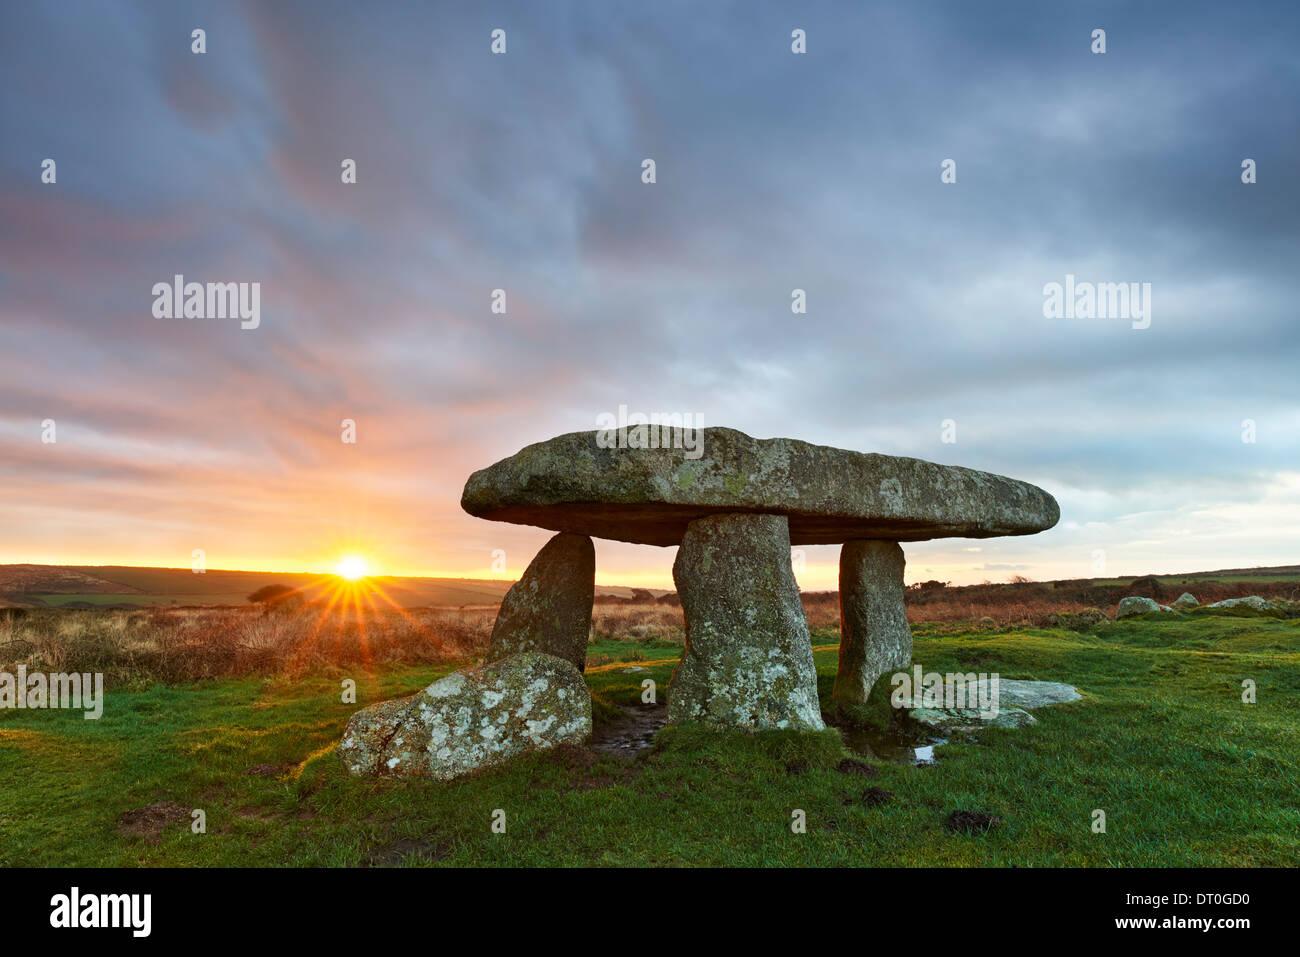 Un breve momento de sol comenzaron a surcar el cielo del amanecer a Lanyon Quoit Foto de stock